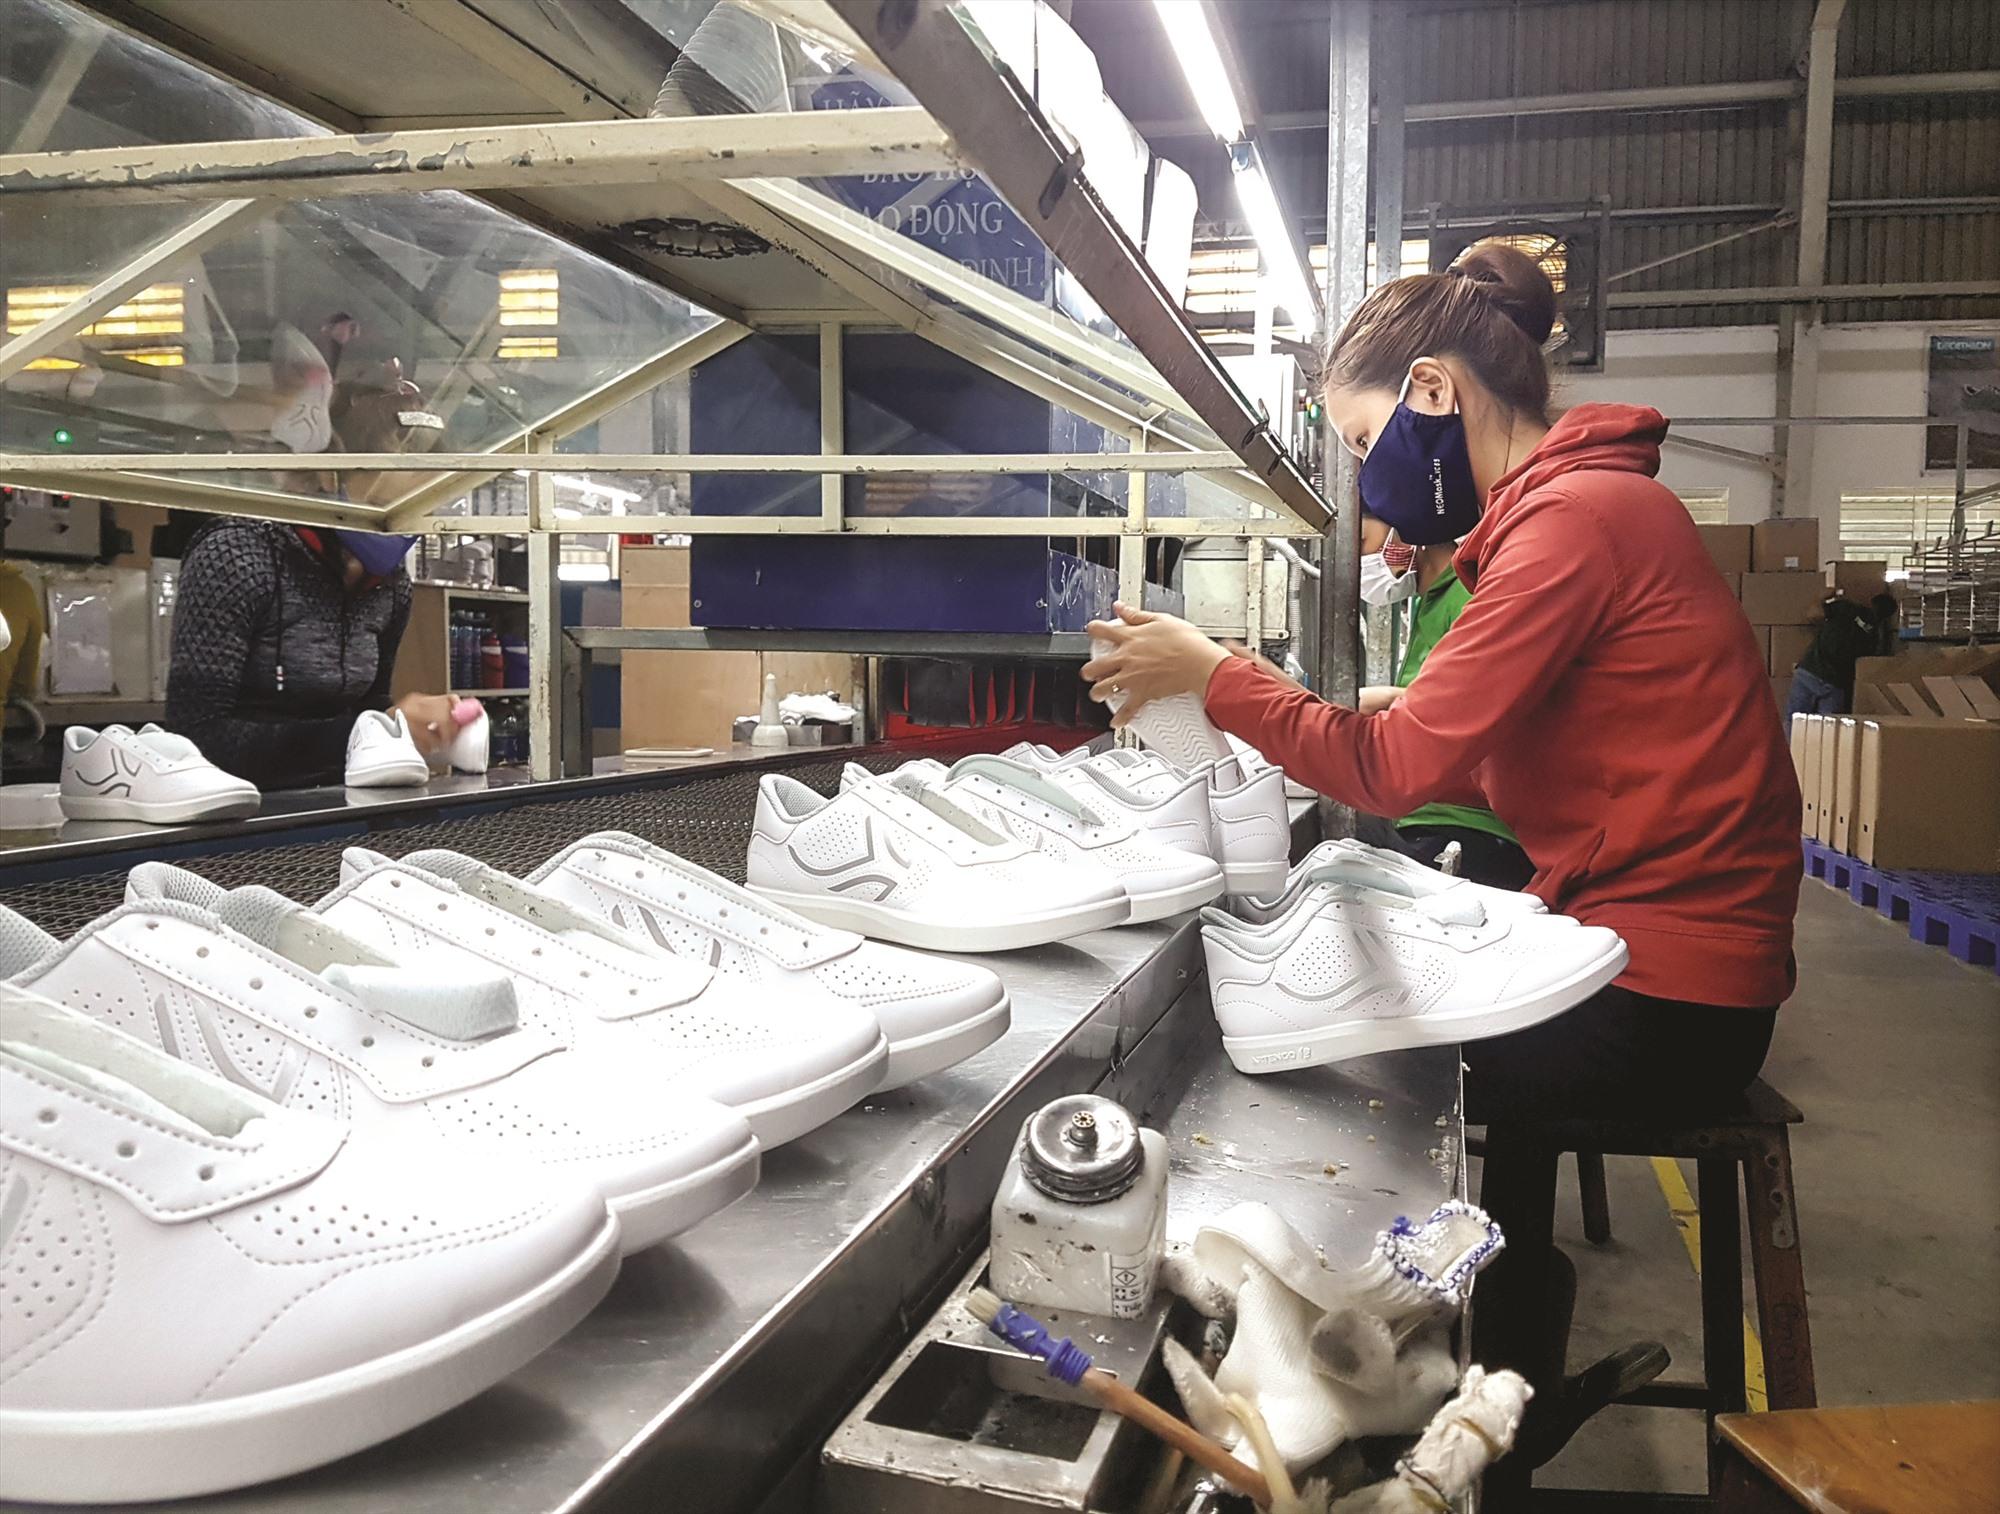 Lao động ngành giày da, may mặc vẫn đang được doanh nghiệp nỗ lực tìm kiếm đơn hàng để tạo công ăn việc làm. Ảnh: D.L